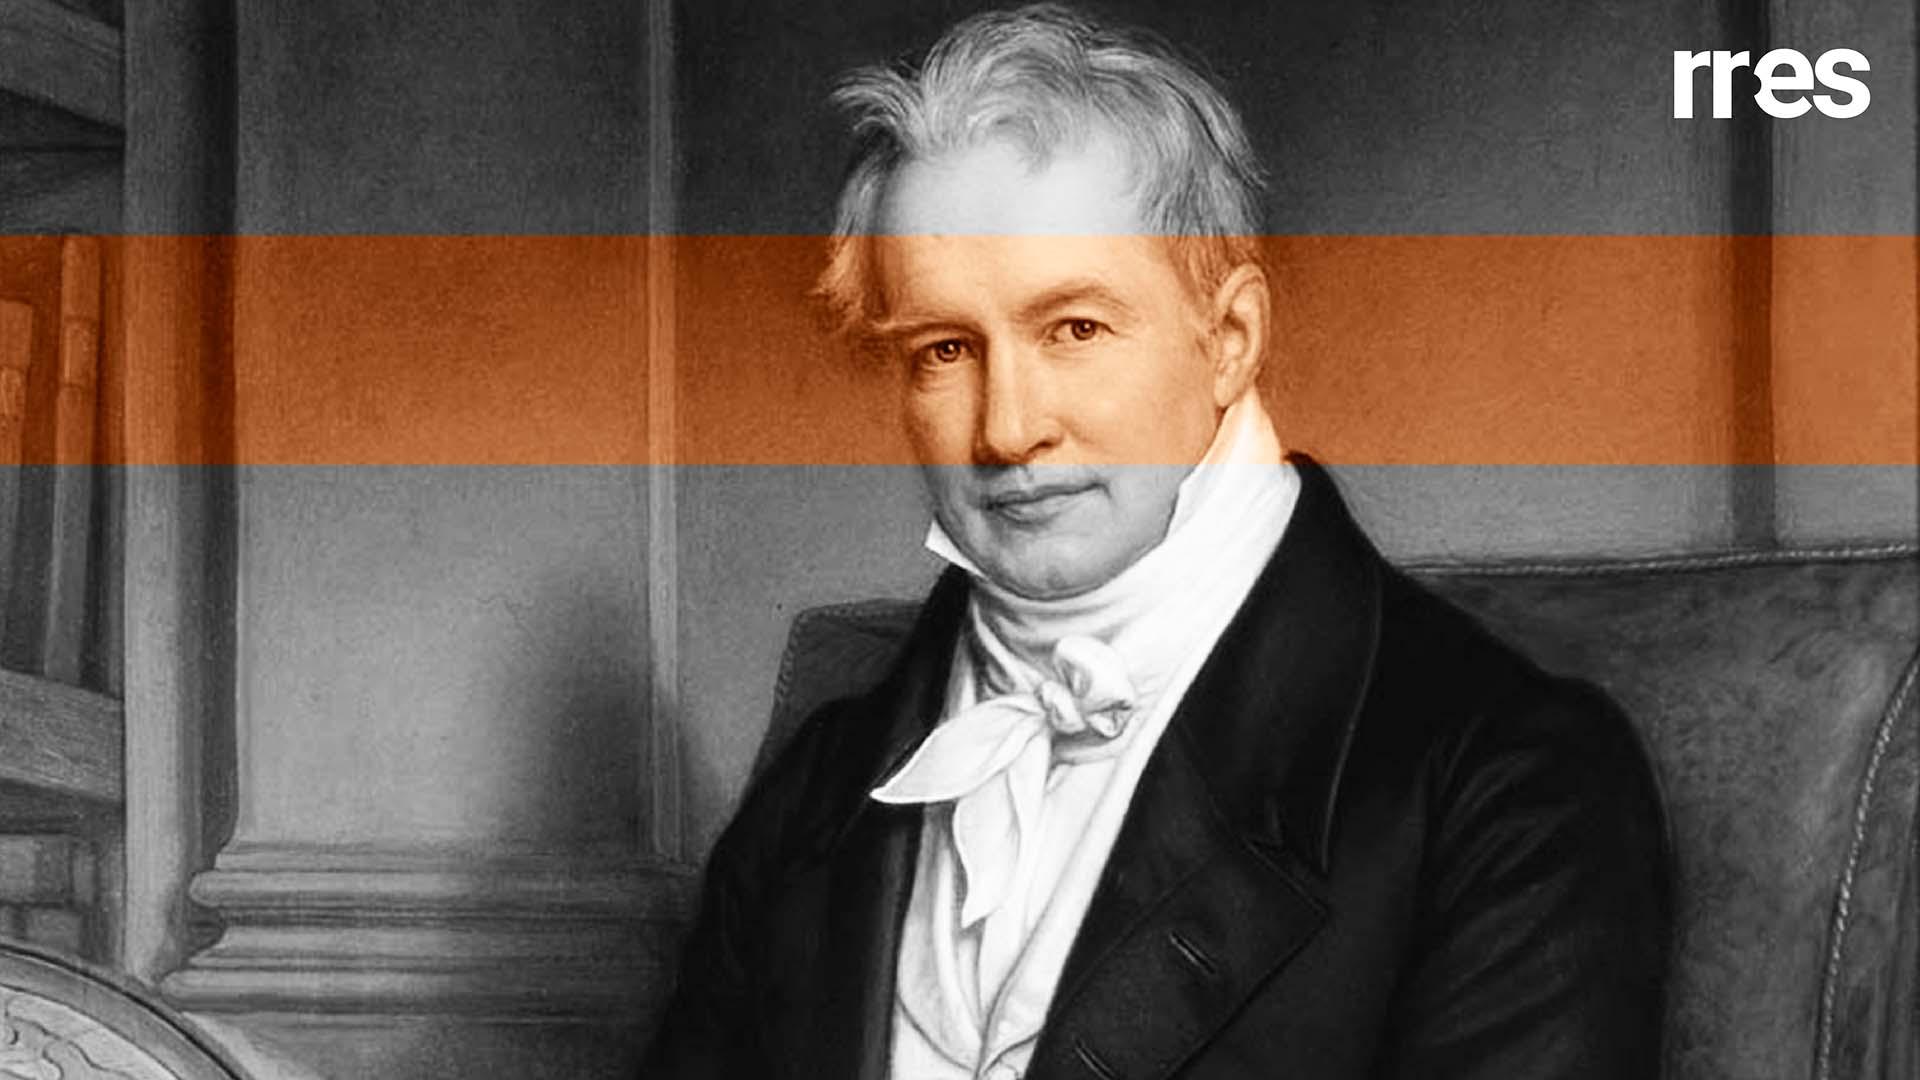 La mirada de Humboldt, por Laureano Márquez P.